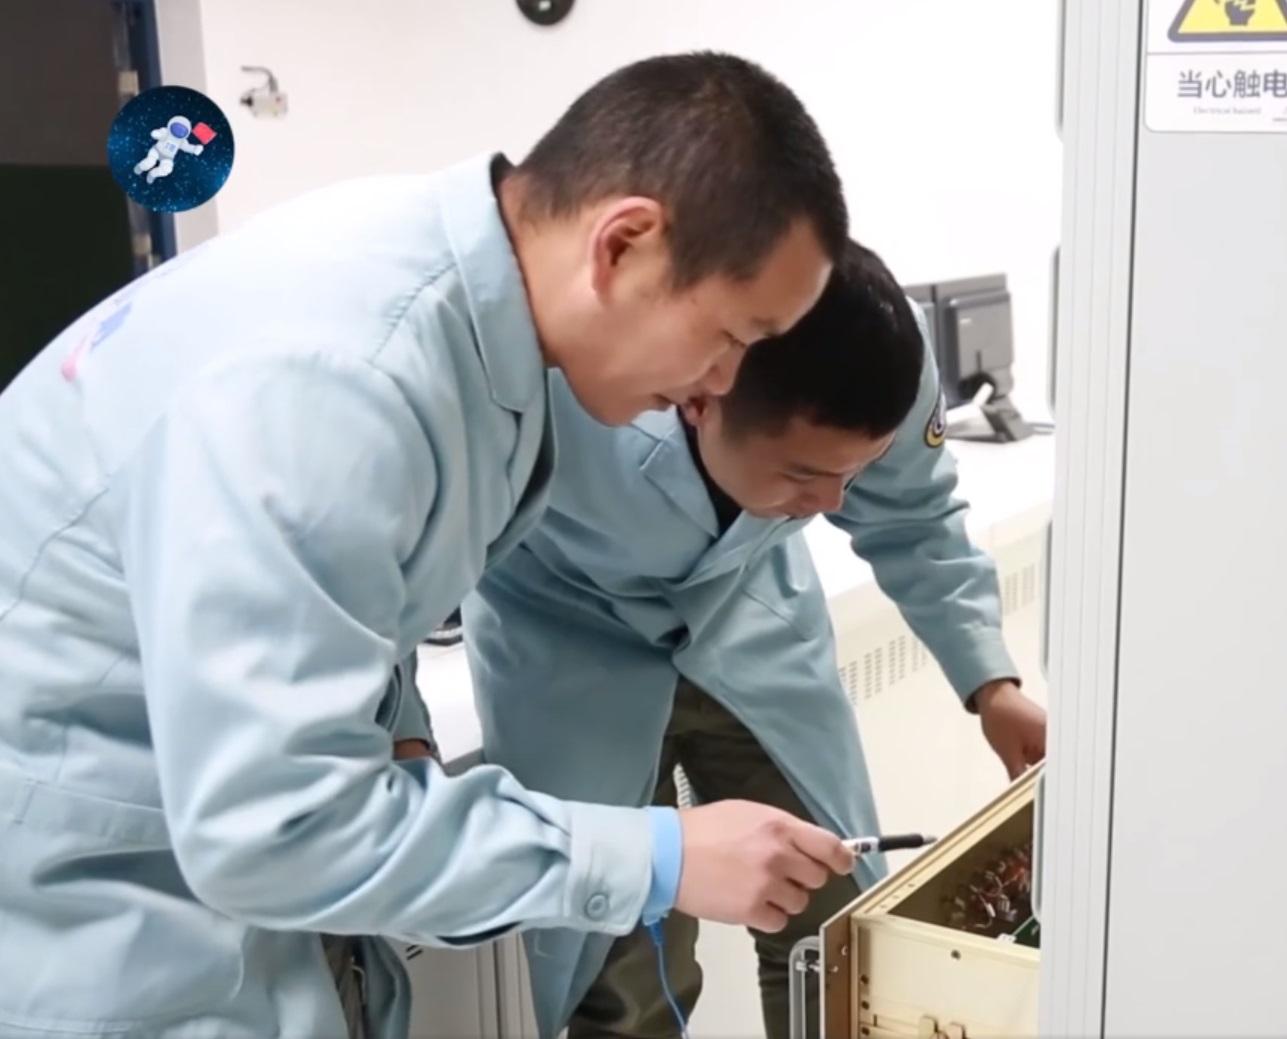 Суровая рабочая реальность — Китайский космодром Сичан (Xichang Satellite Launch Center — XSLC) - 52